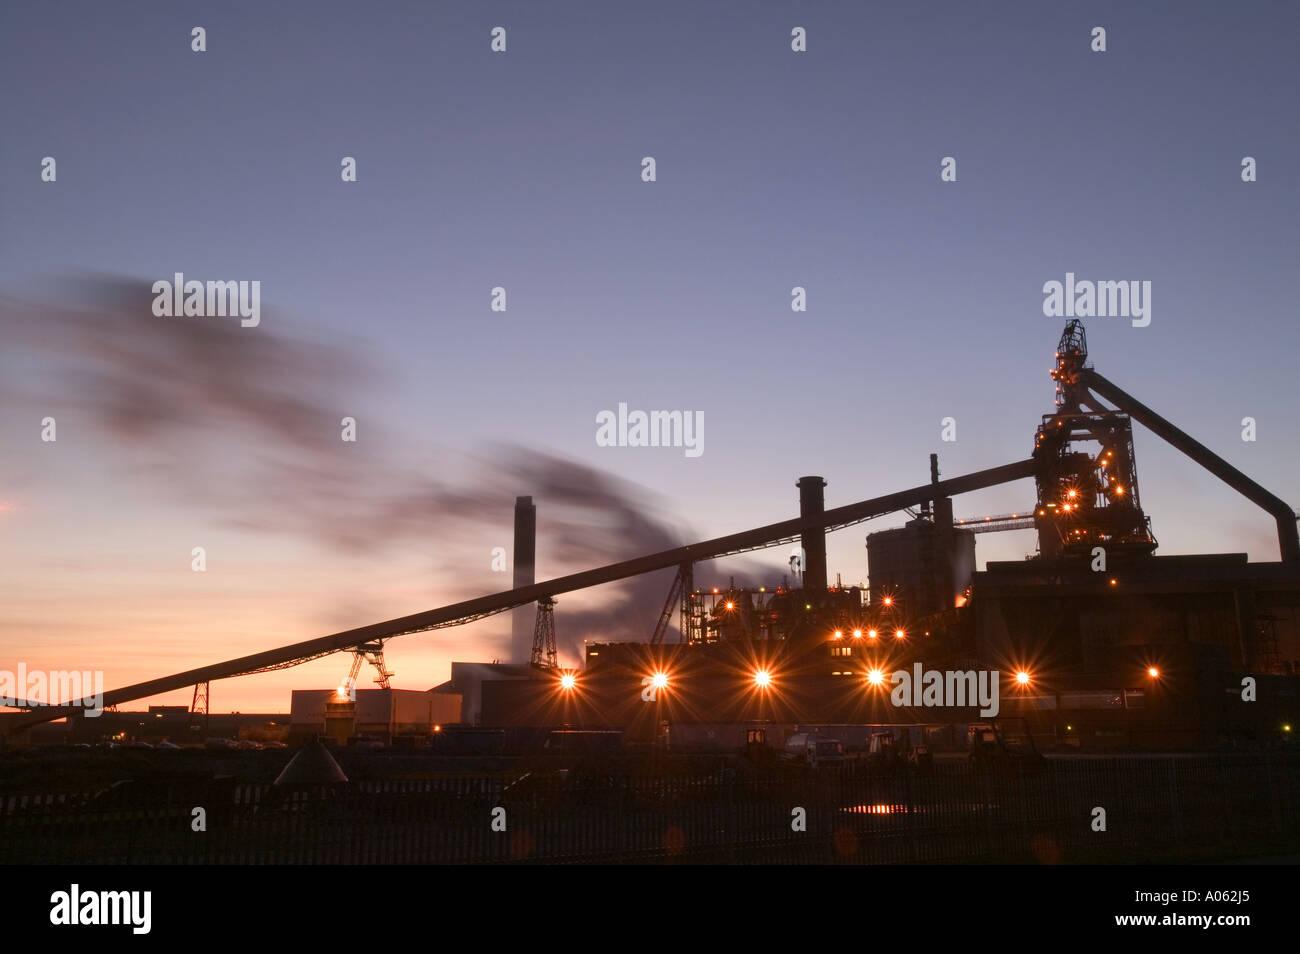 Corus steel works on Teeside, - Stock Image